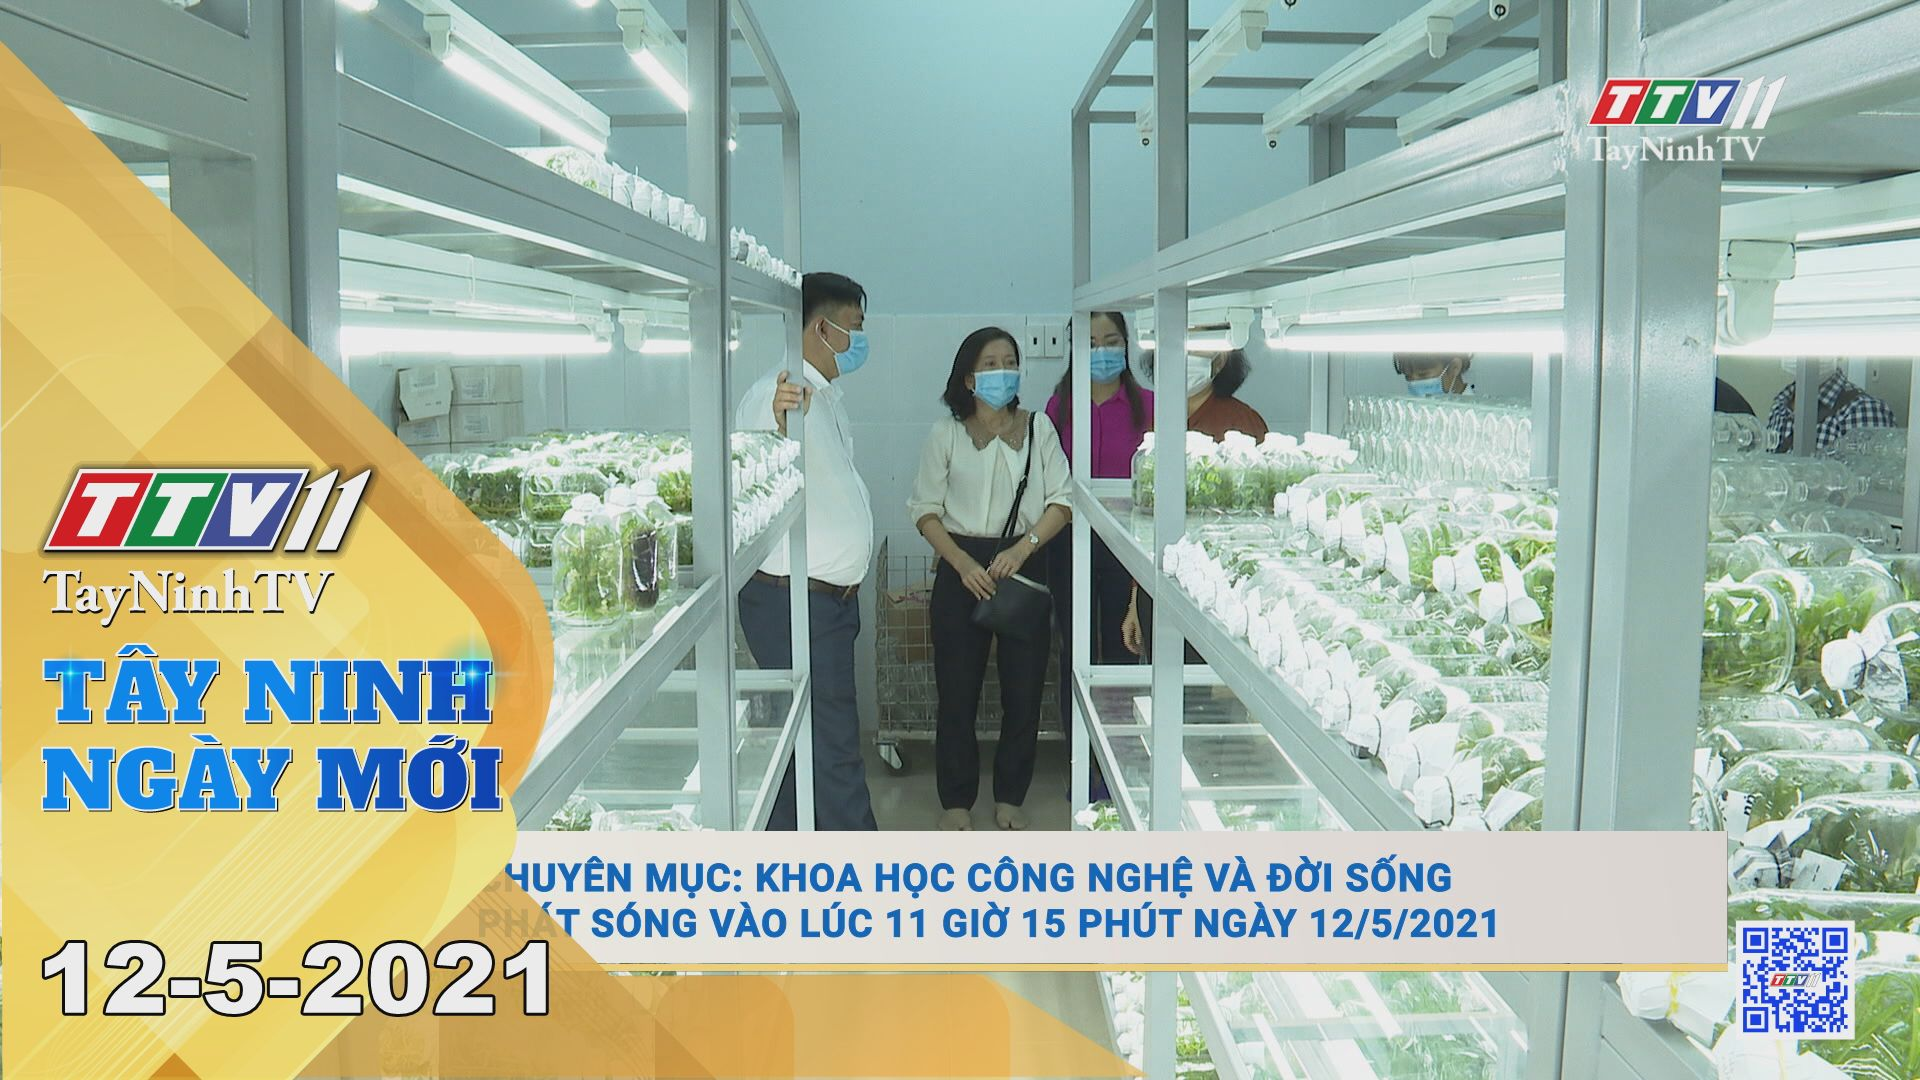 Tây Ninh Ngày Mới 12-5-2021 | Tin tức hôm nay | TayNinhTV